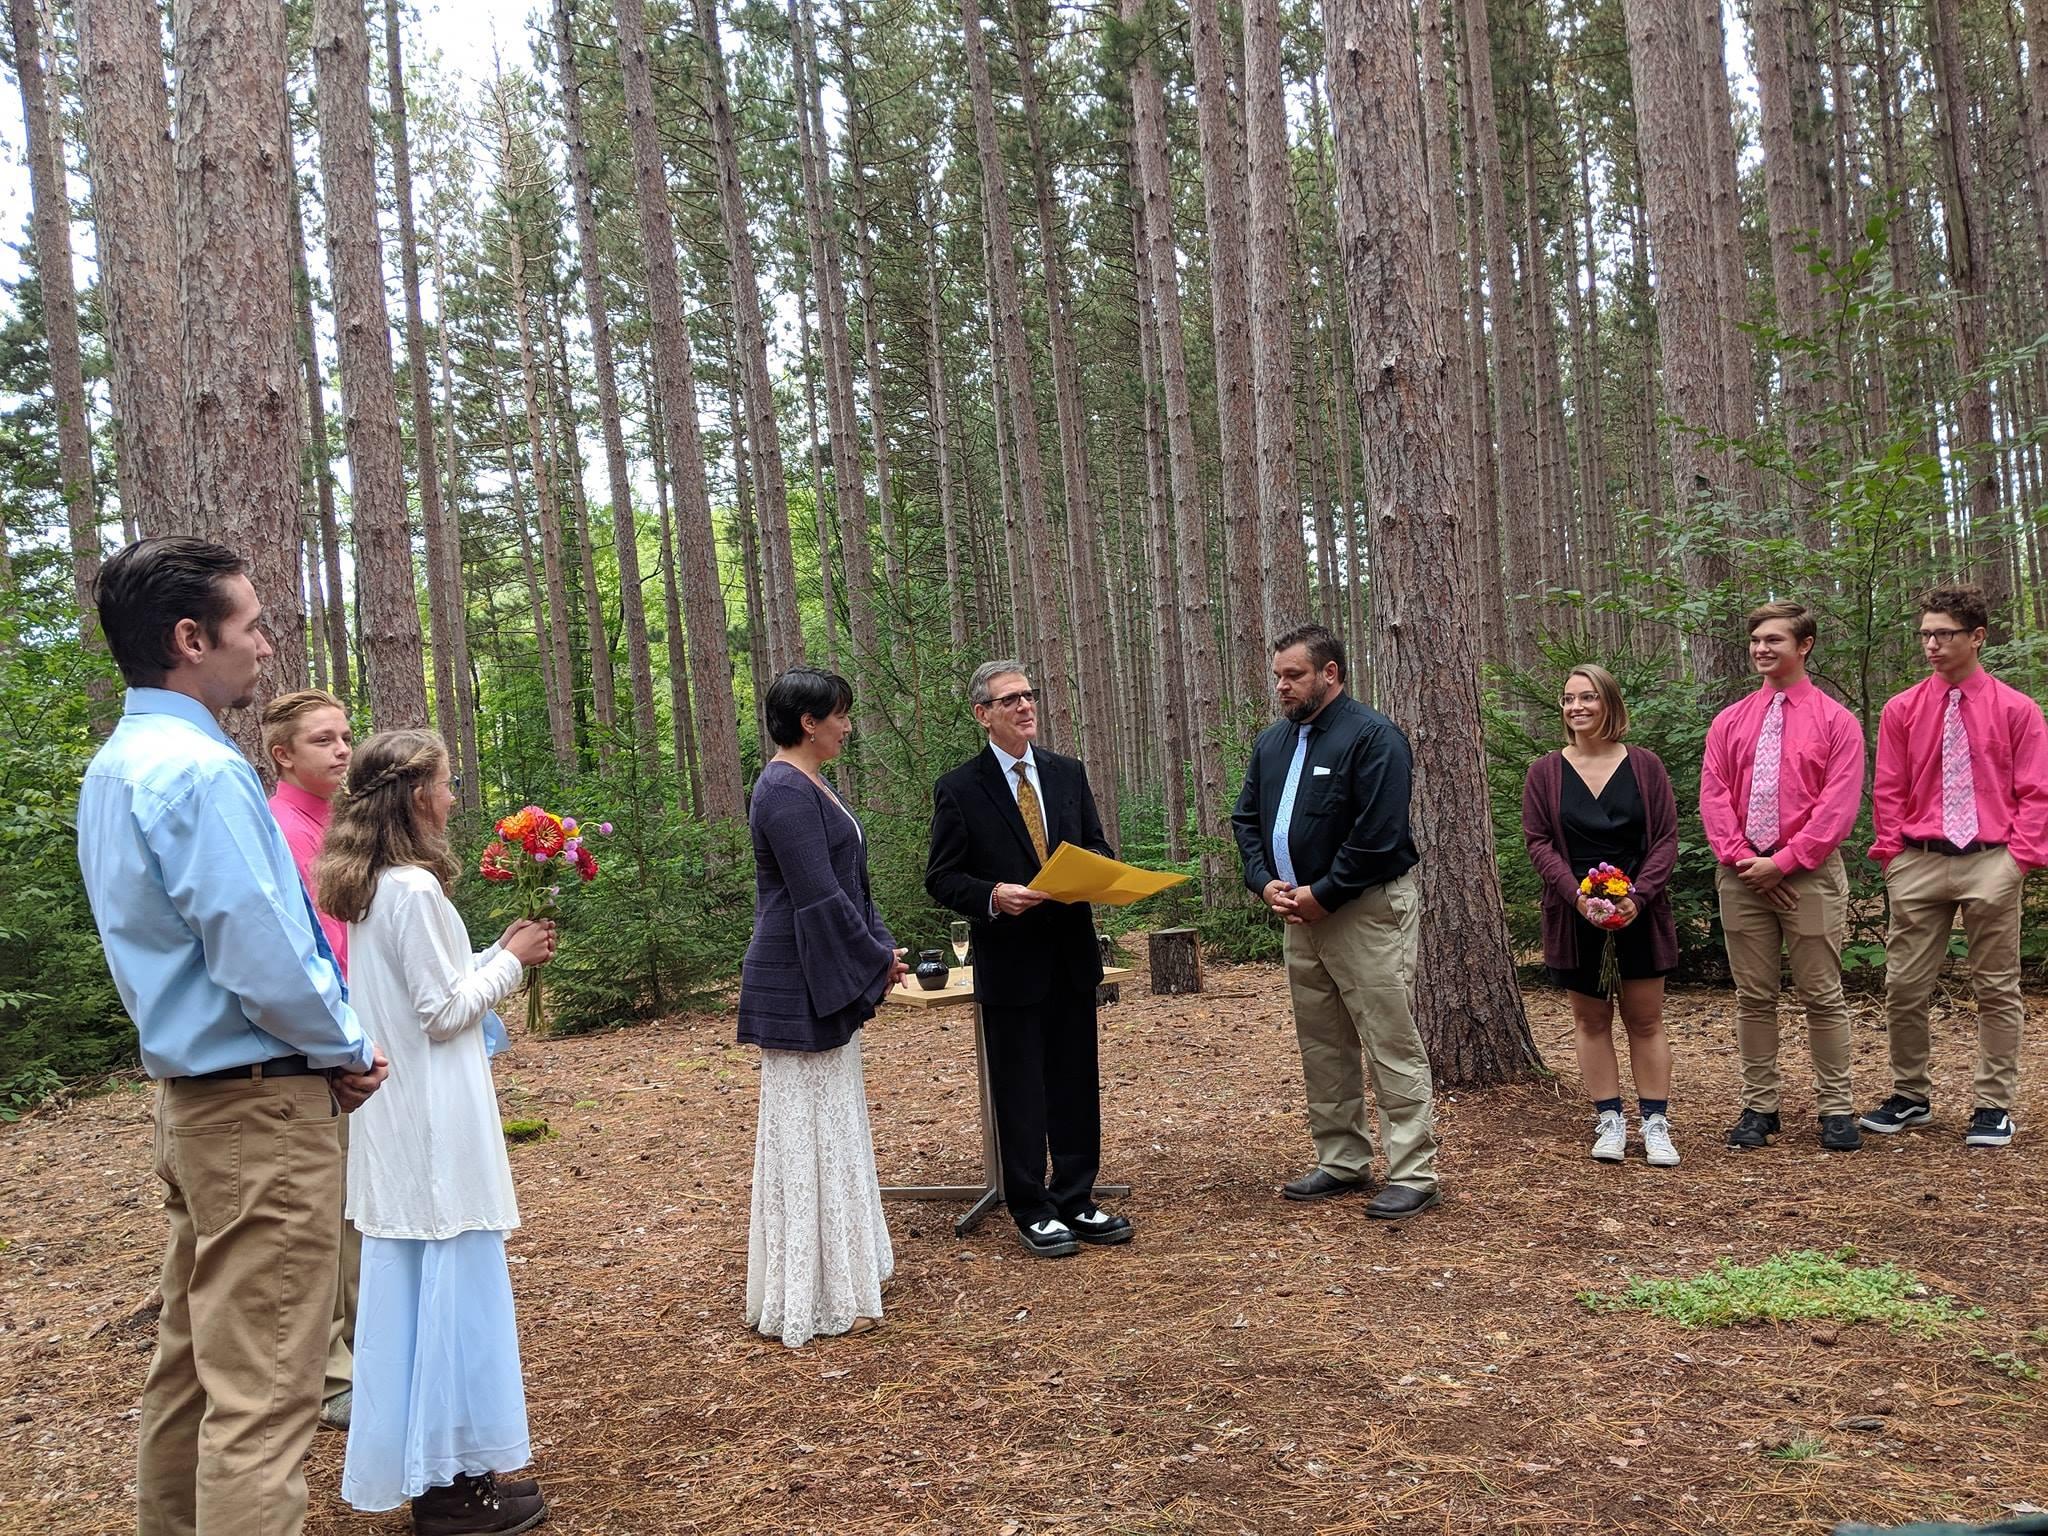 Outdoor Wedding in the Woods.jpg